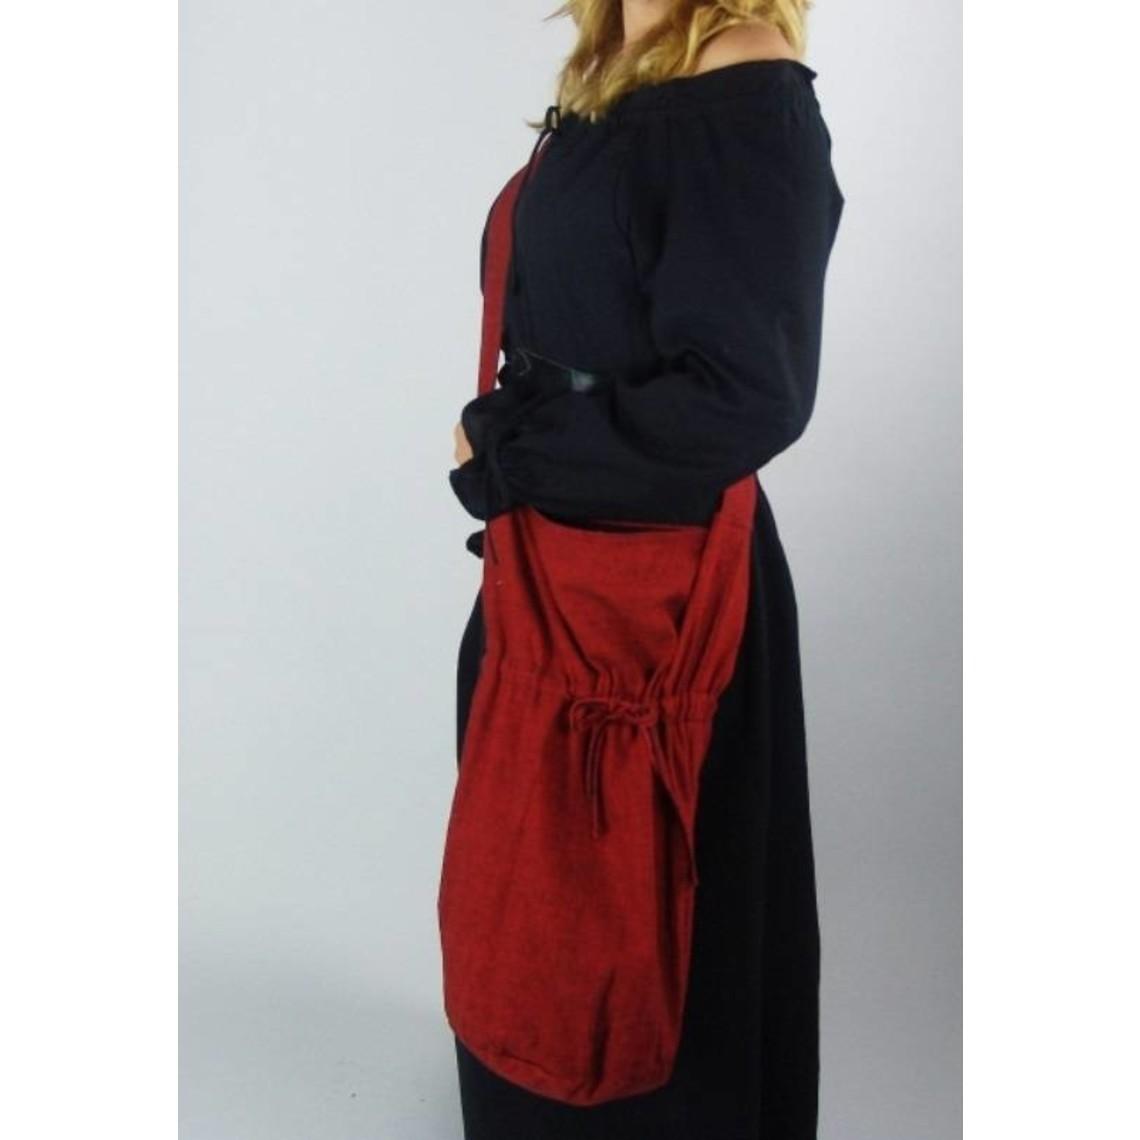 Leonardo Carbone Tekstylna torba na ramię, czerwona